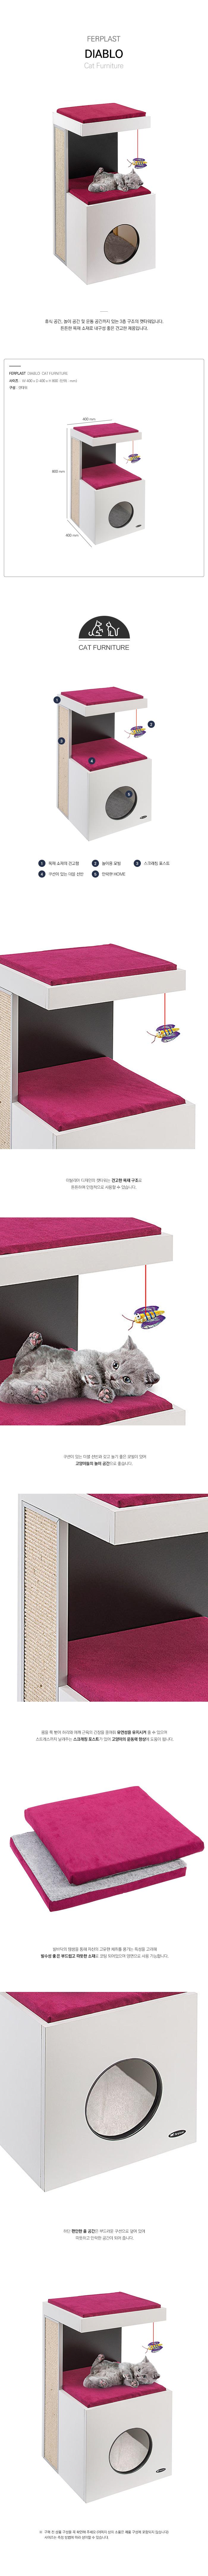 Diablo-Cat-Furniture_add.jpg